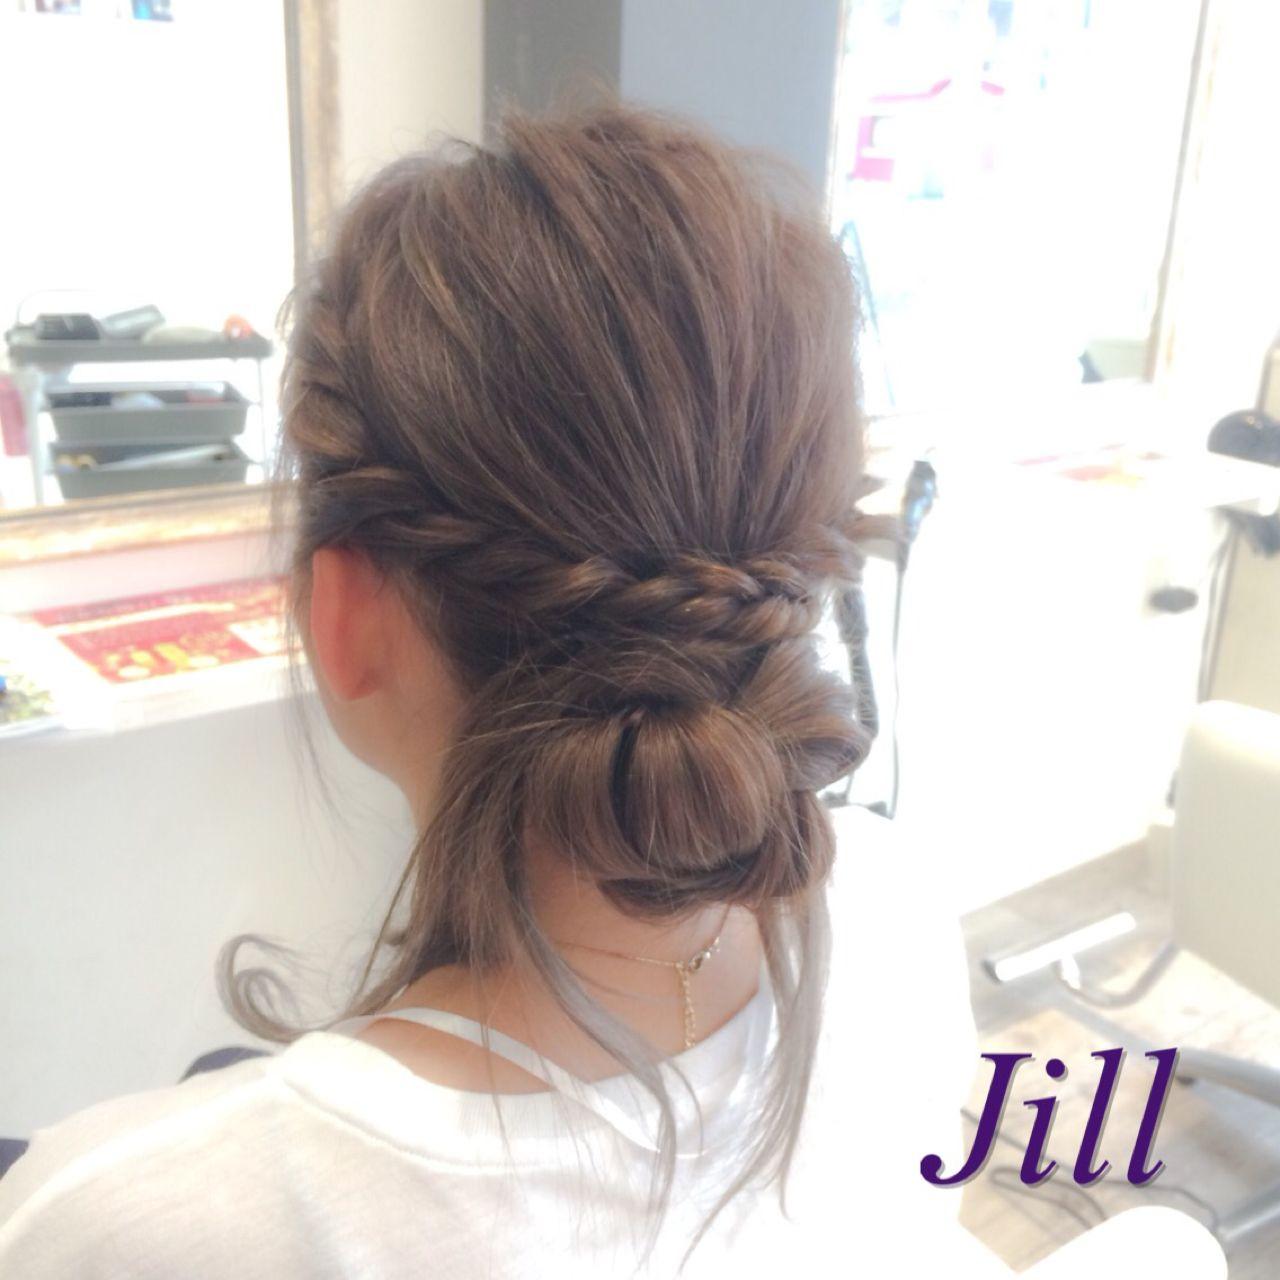 【ロングさん向け】髪が長いからこそ楽しむべき♪ヘアアレンジ12選 花房 佑典 / Jill